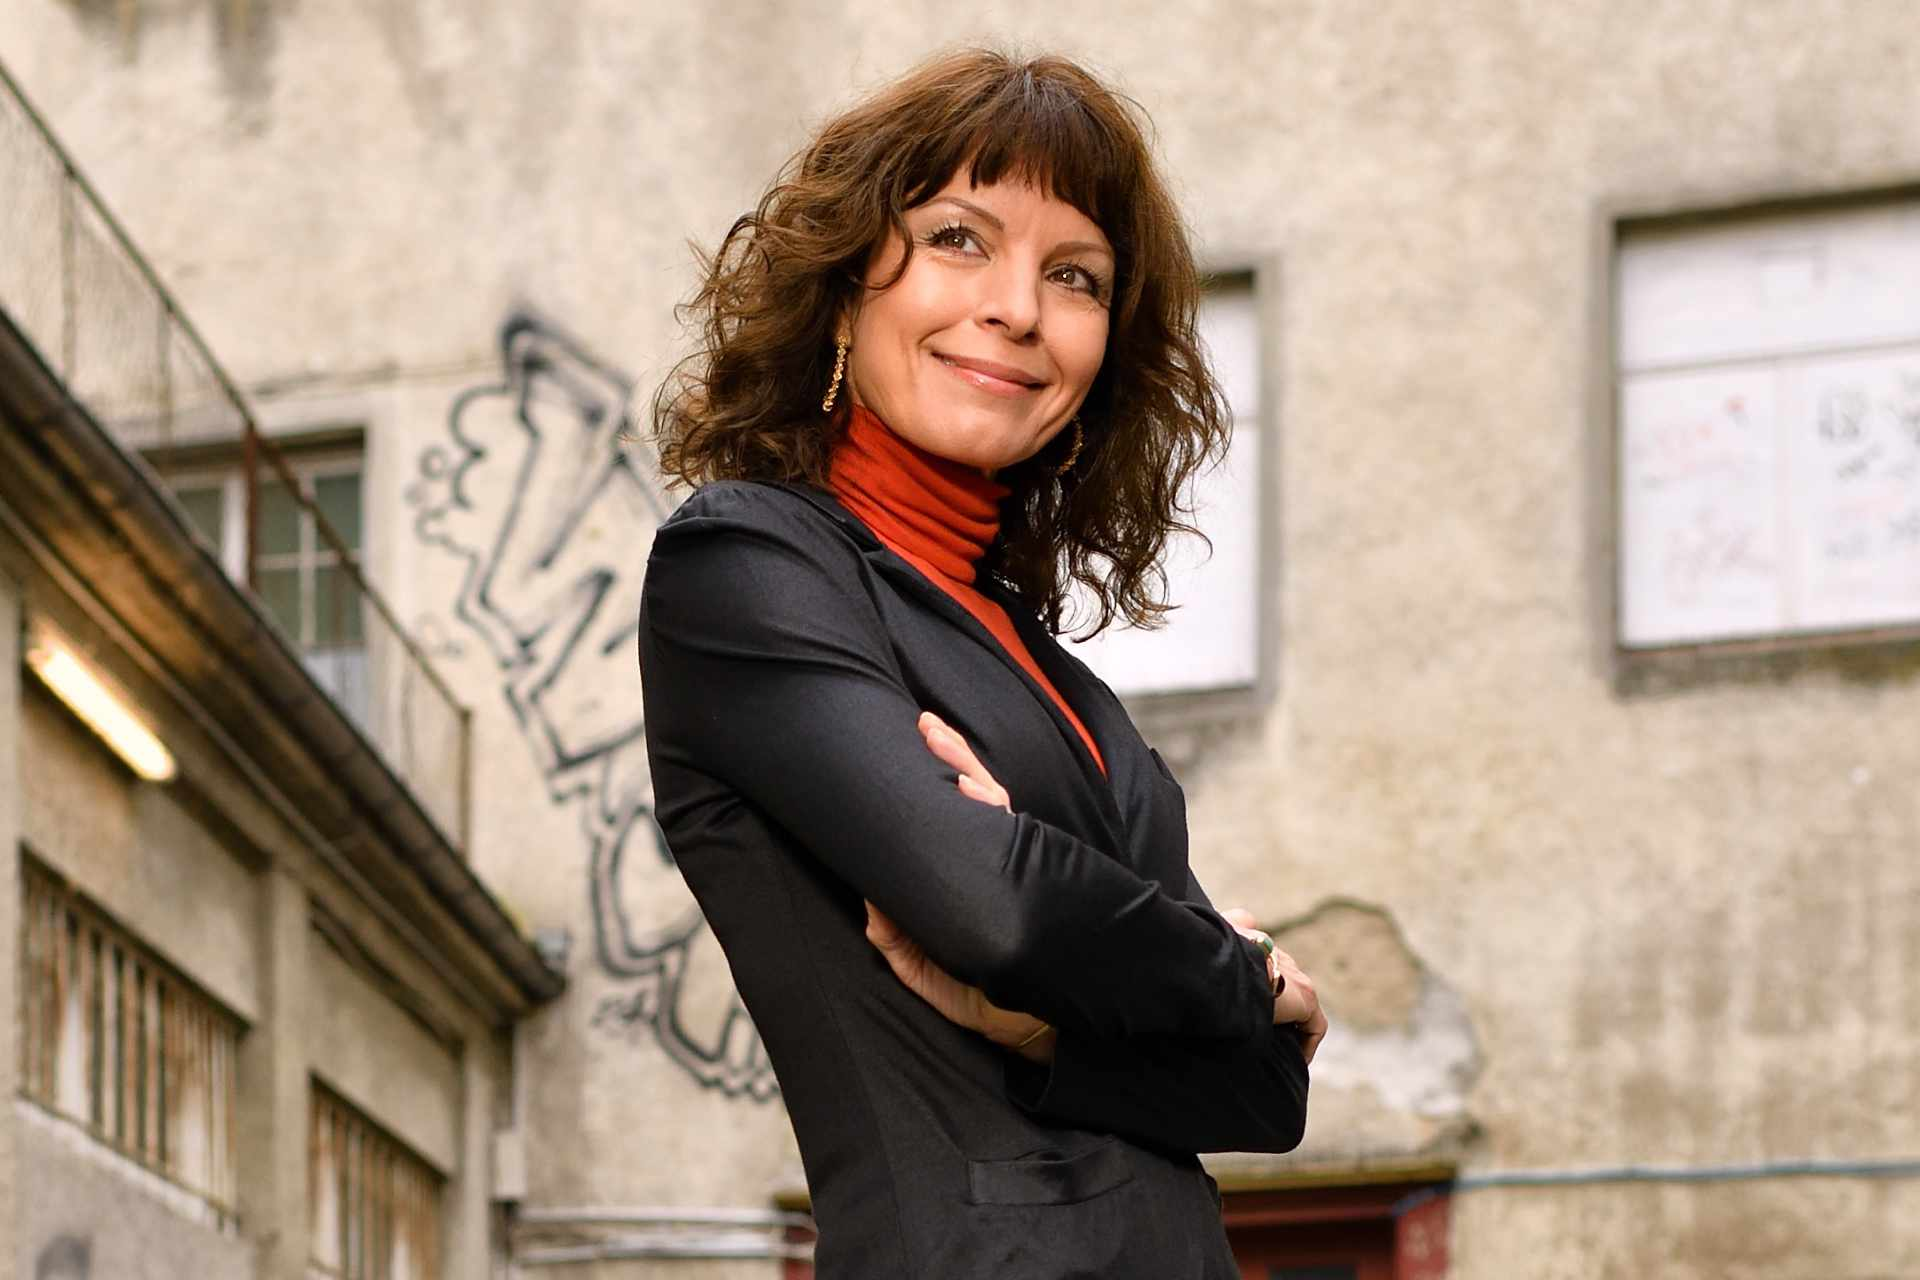 Anne-Mireille Giermann - Über mich